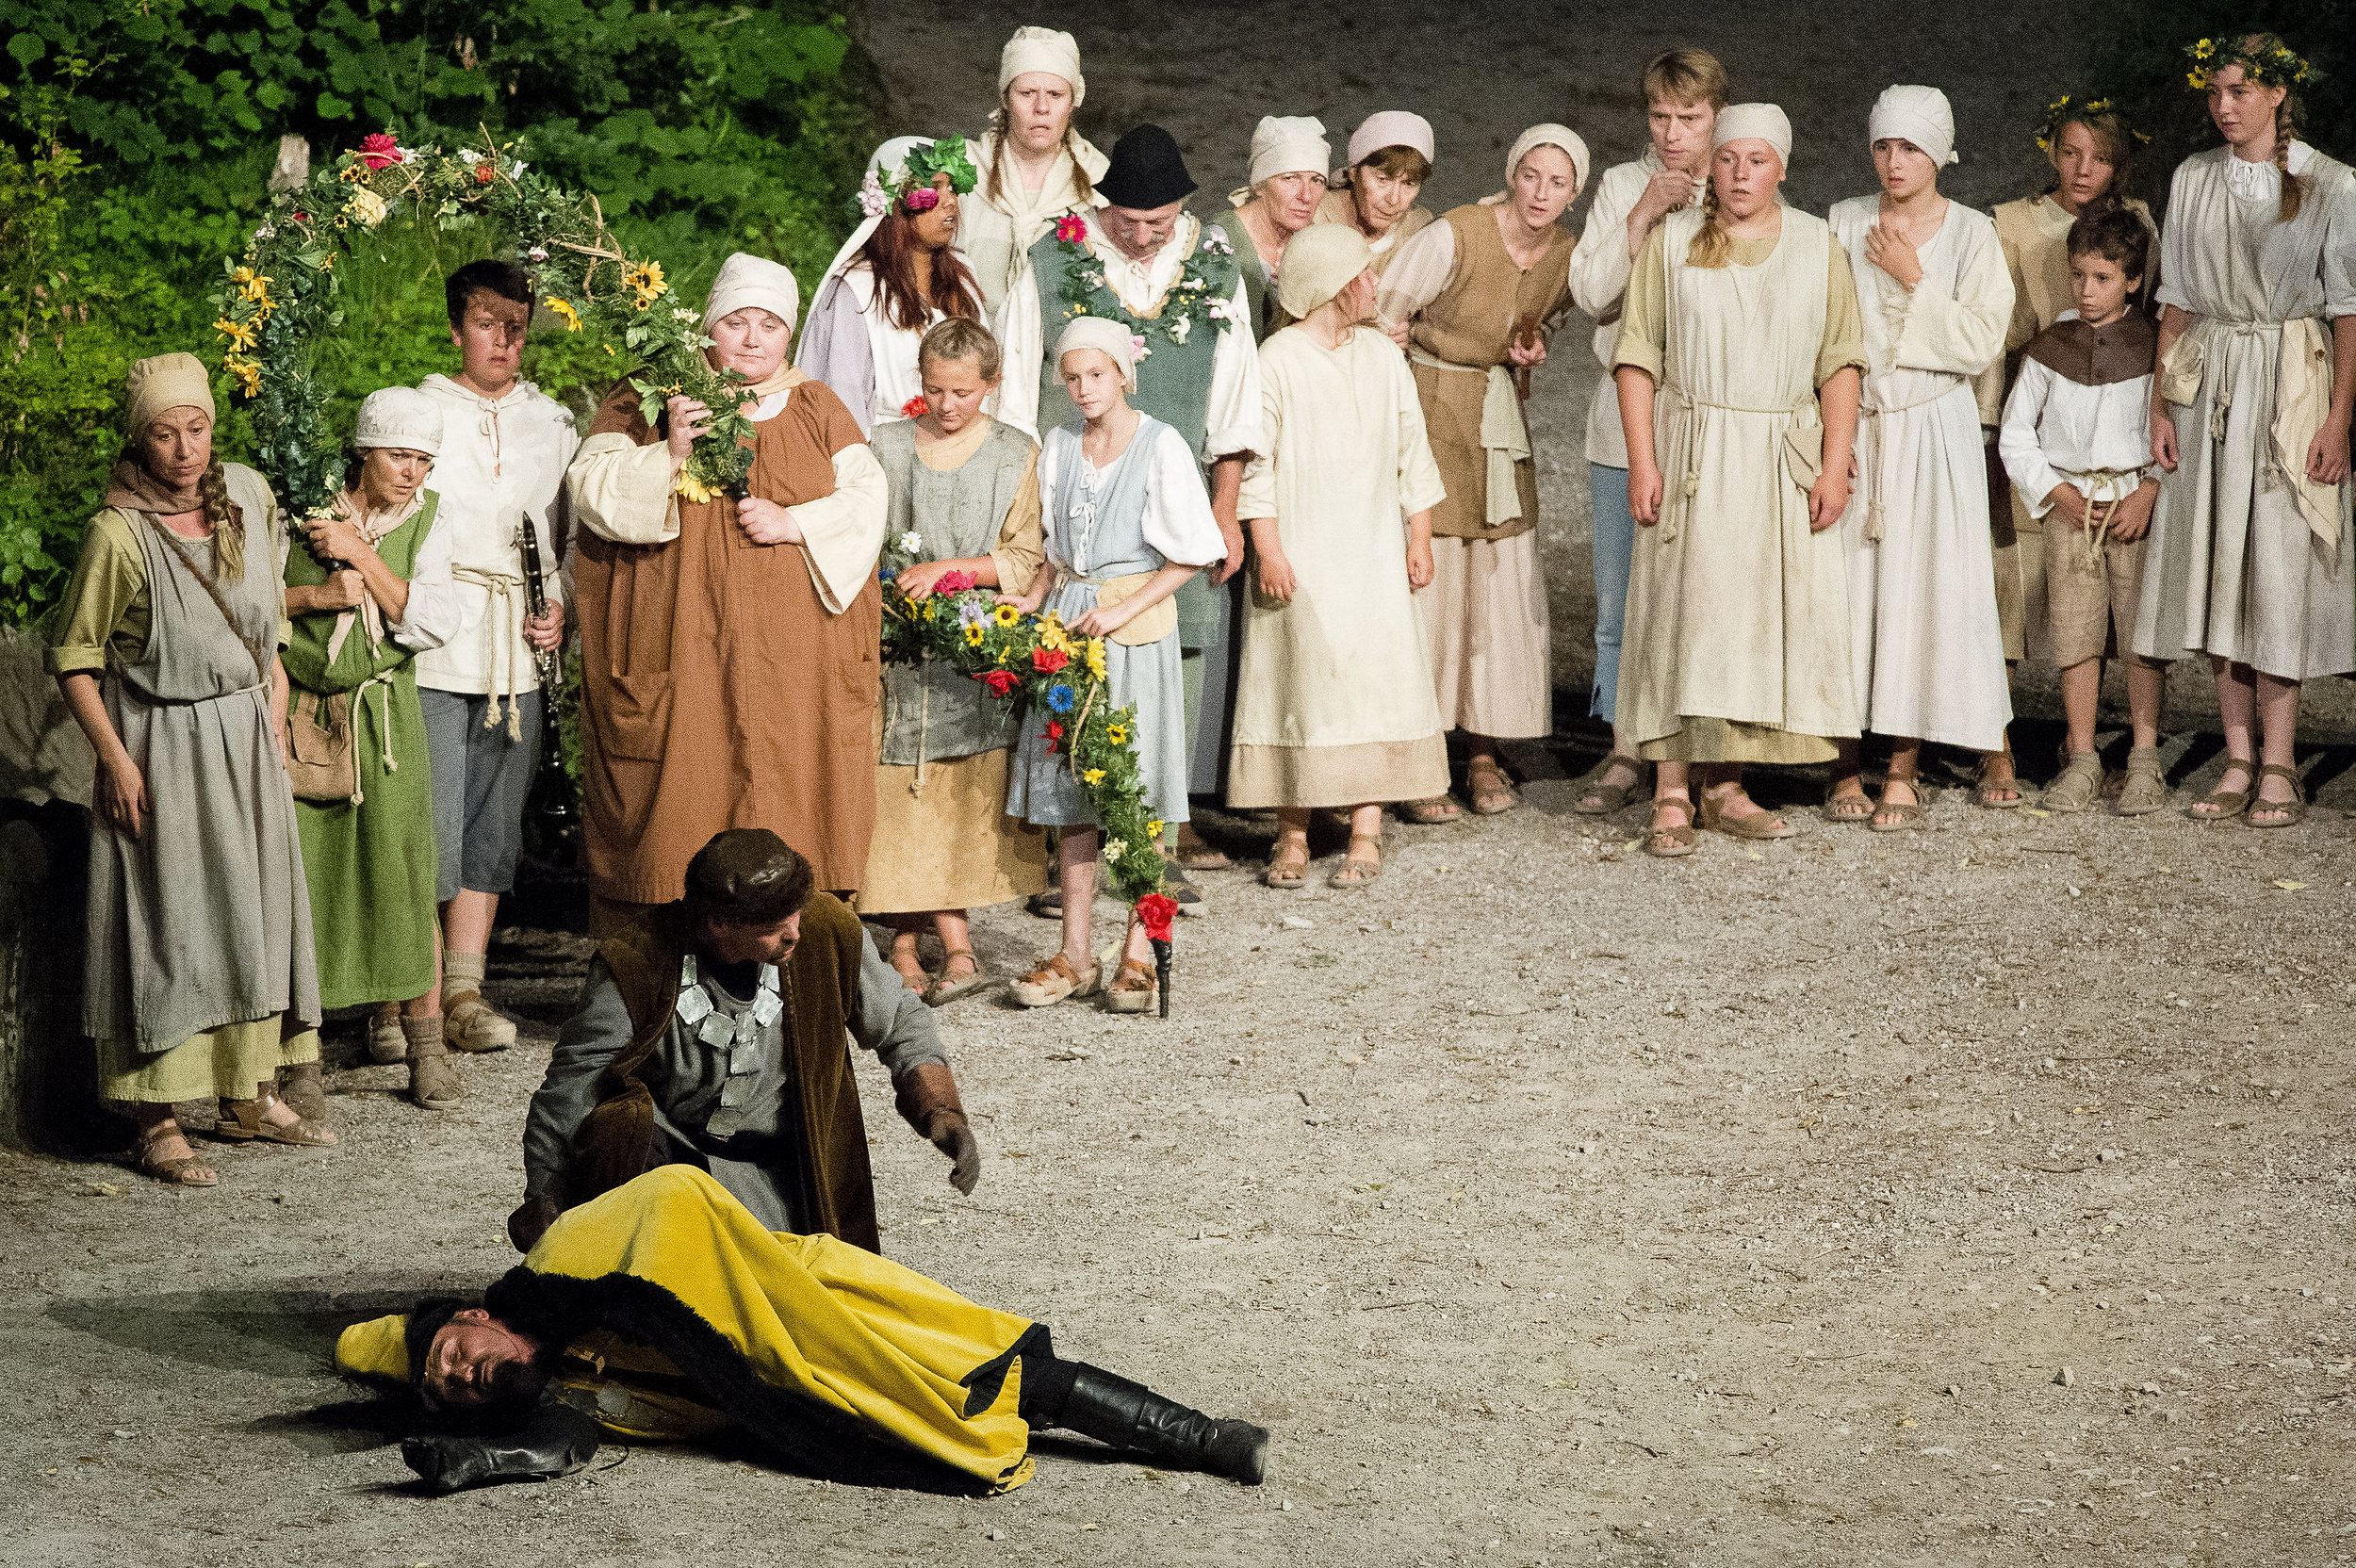 Toter Gessler in der holen Gasse bei den Tellspiele in Interlaken waehrend der Premiere am 28. Juni 2015.